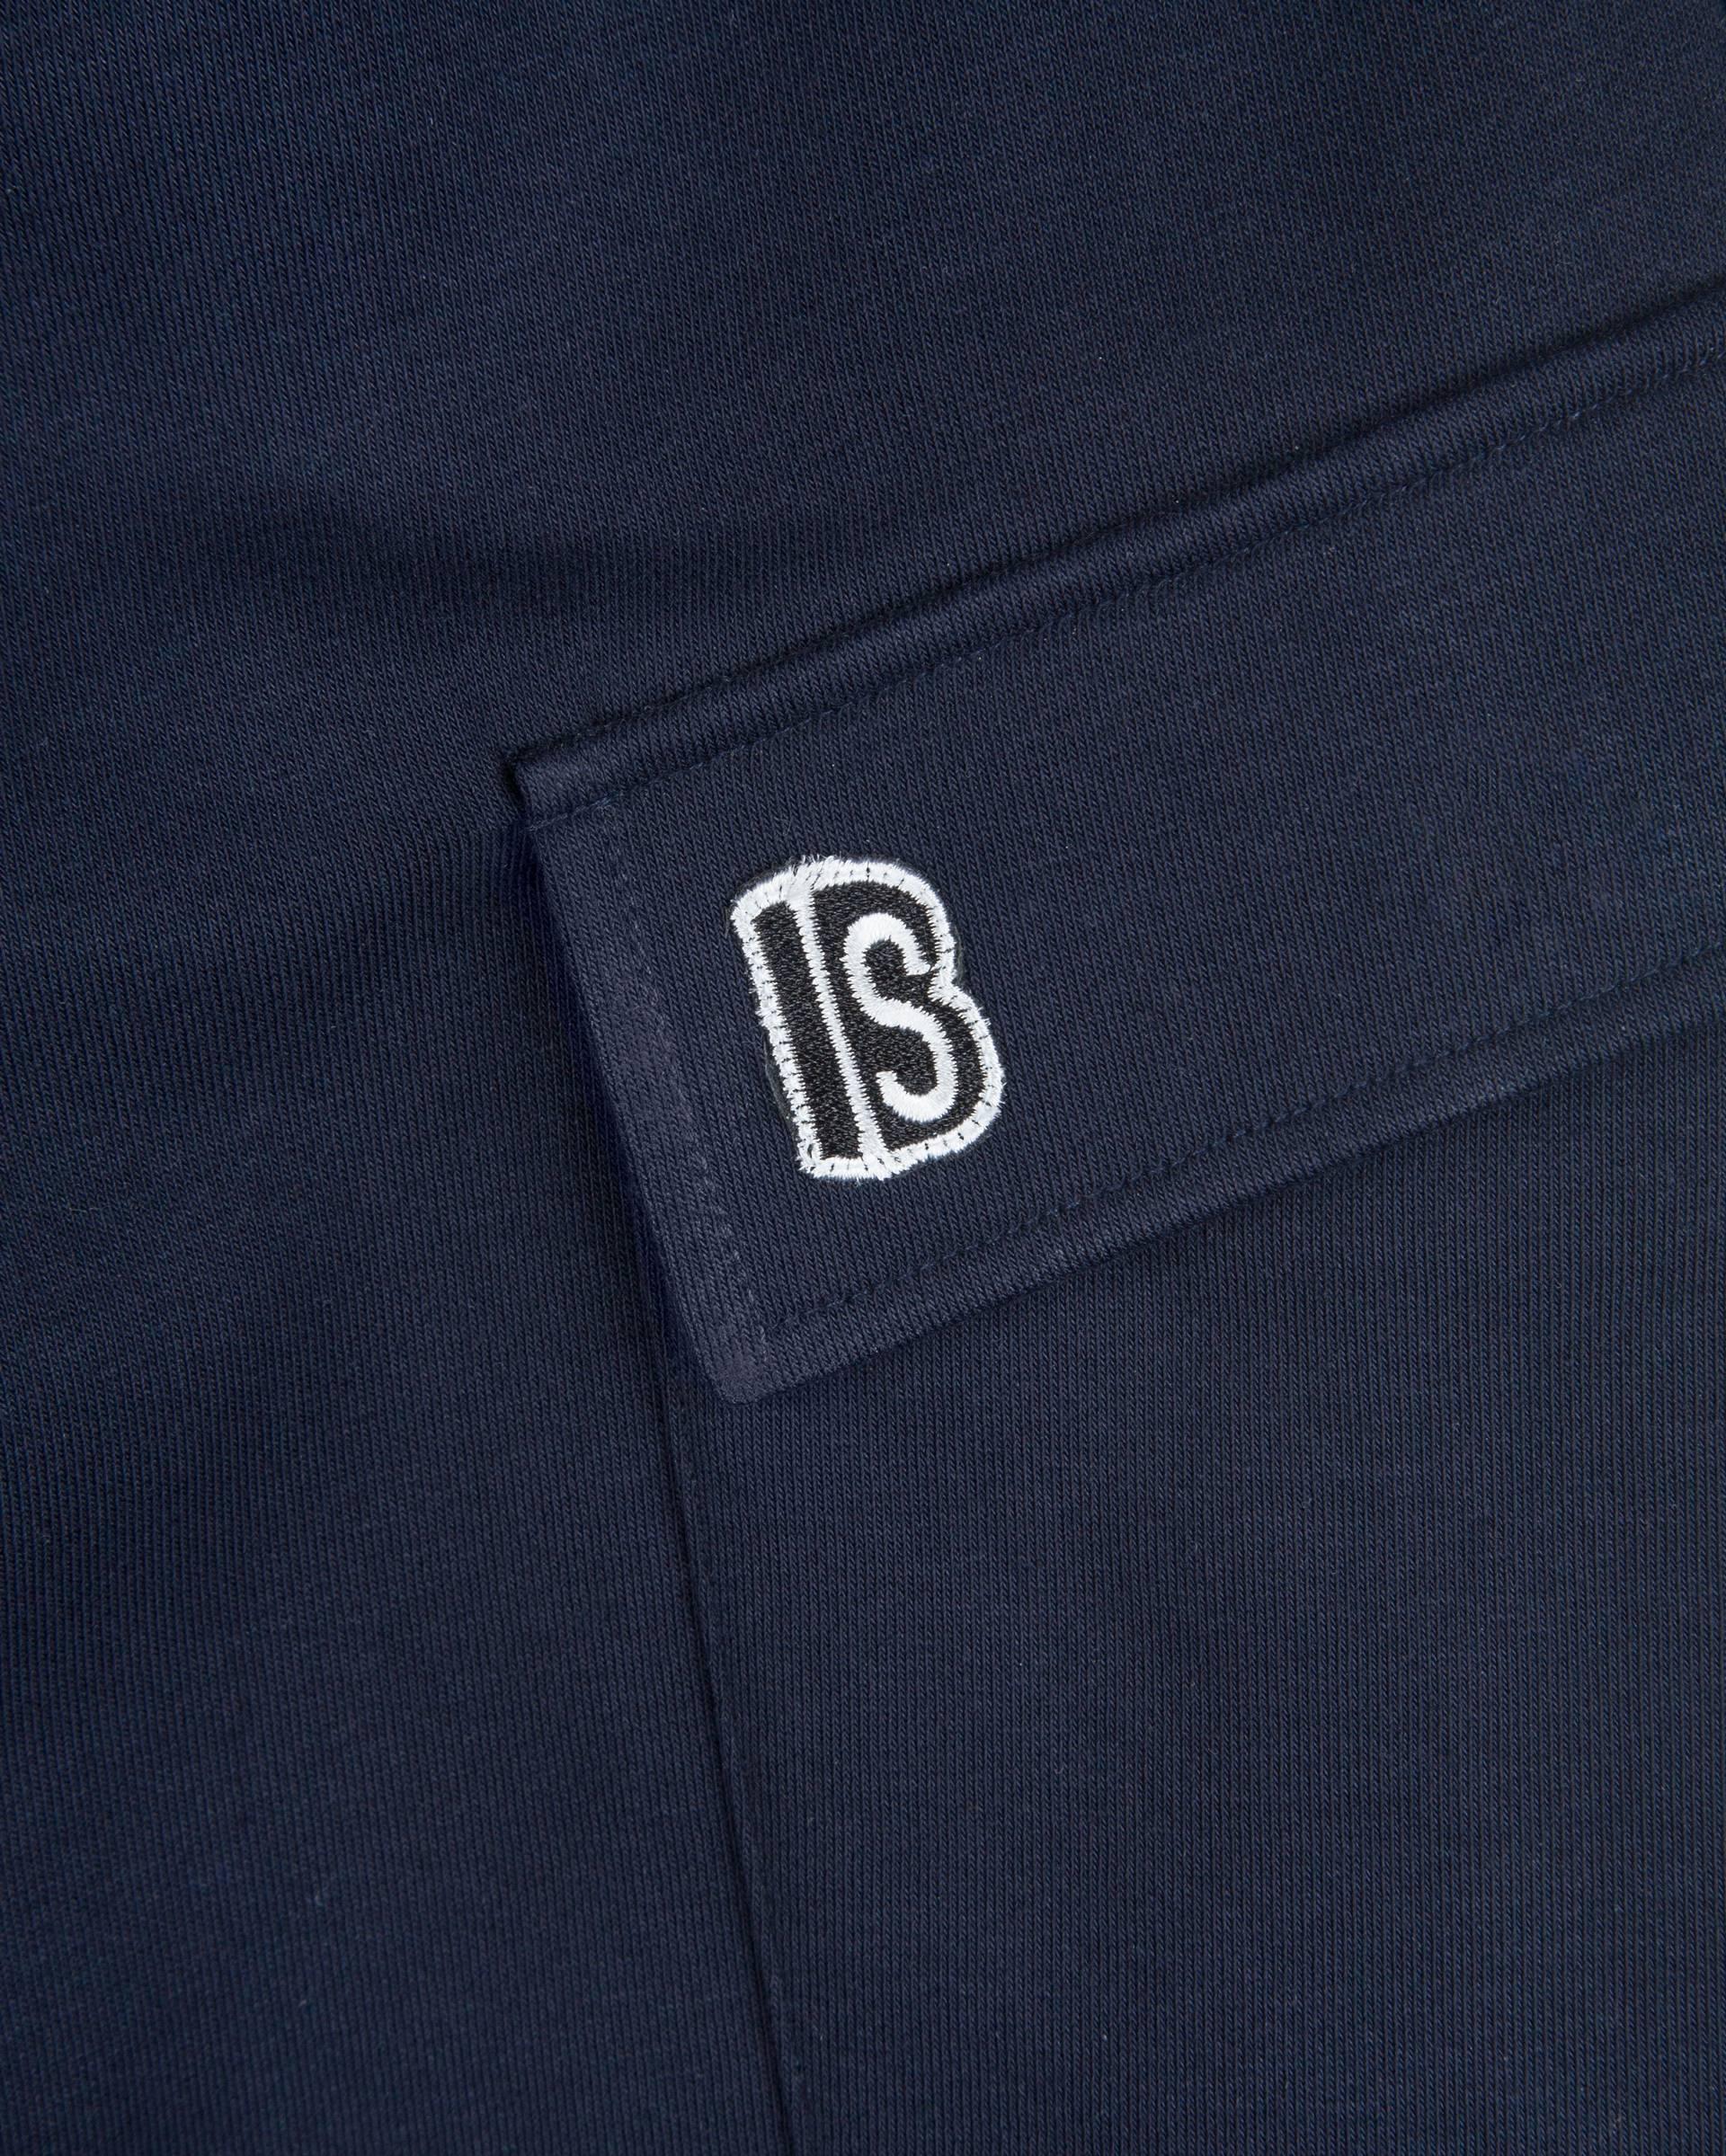 Брюки Basic Sample Navy Pants